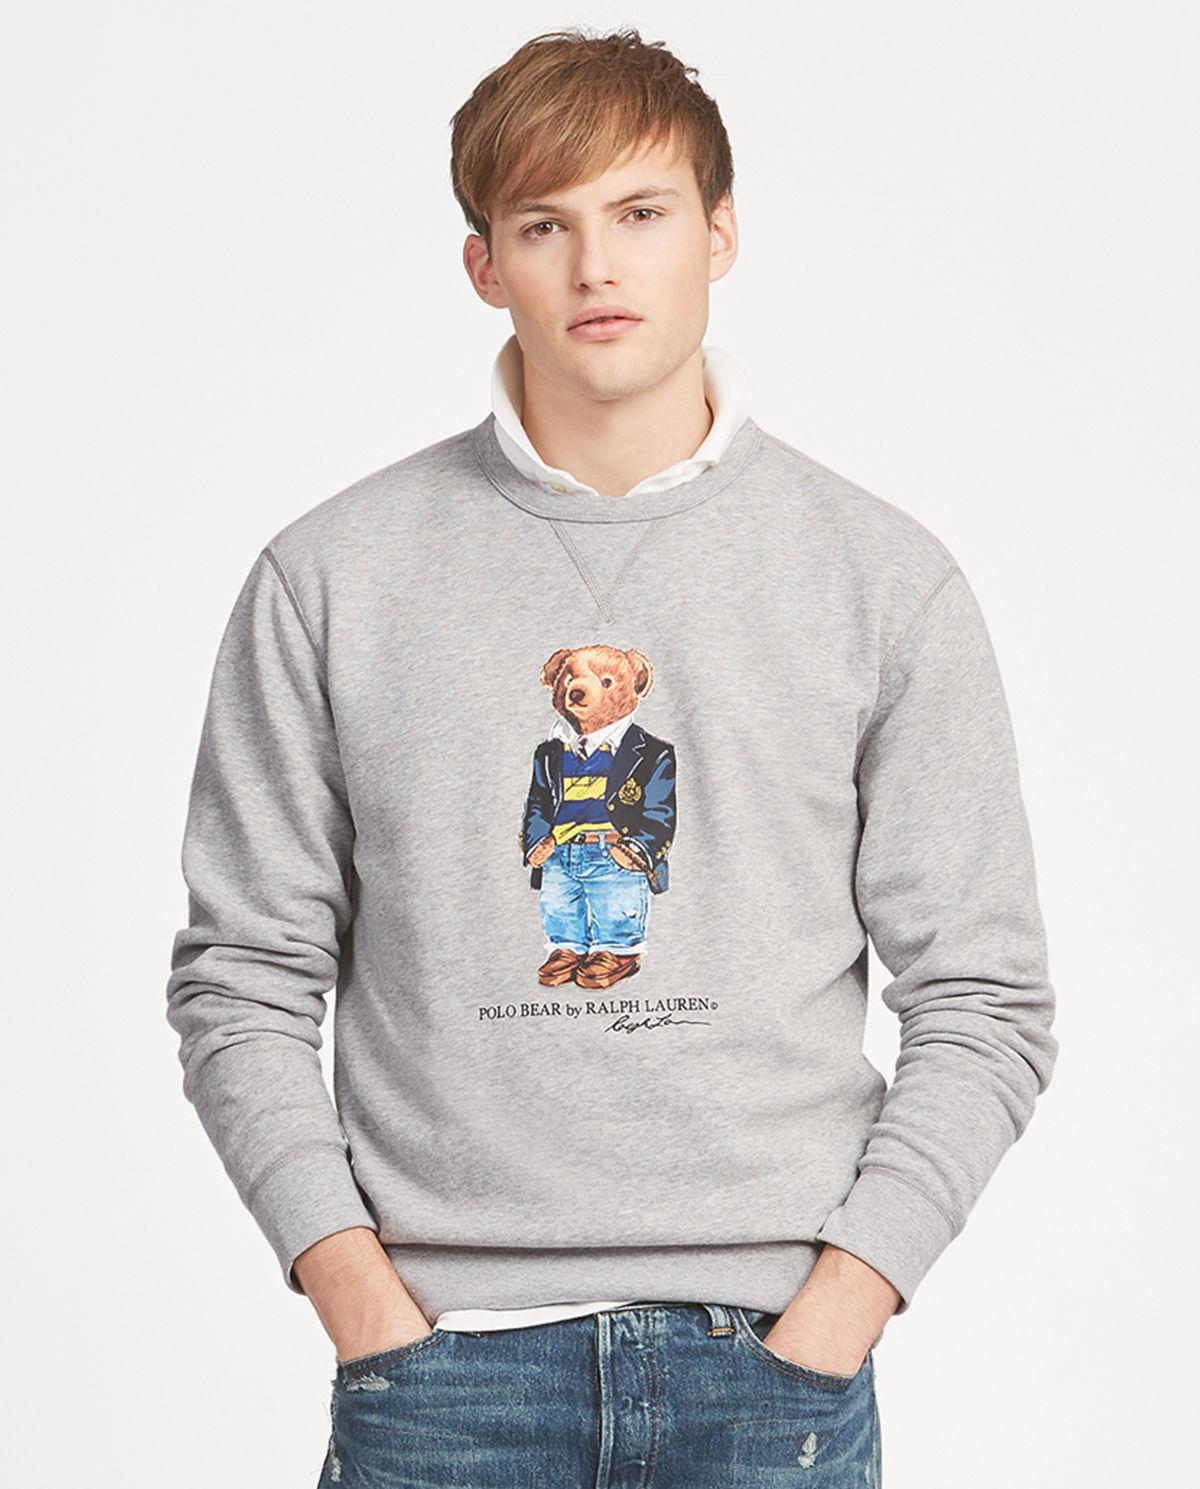 Misiem TerazNajlepsze I Bluza Z Ceny Lauren Kup Polo Ralph – tQdshCxr